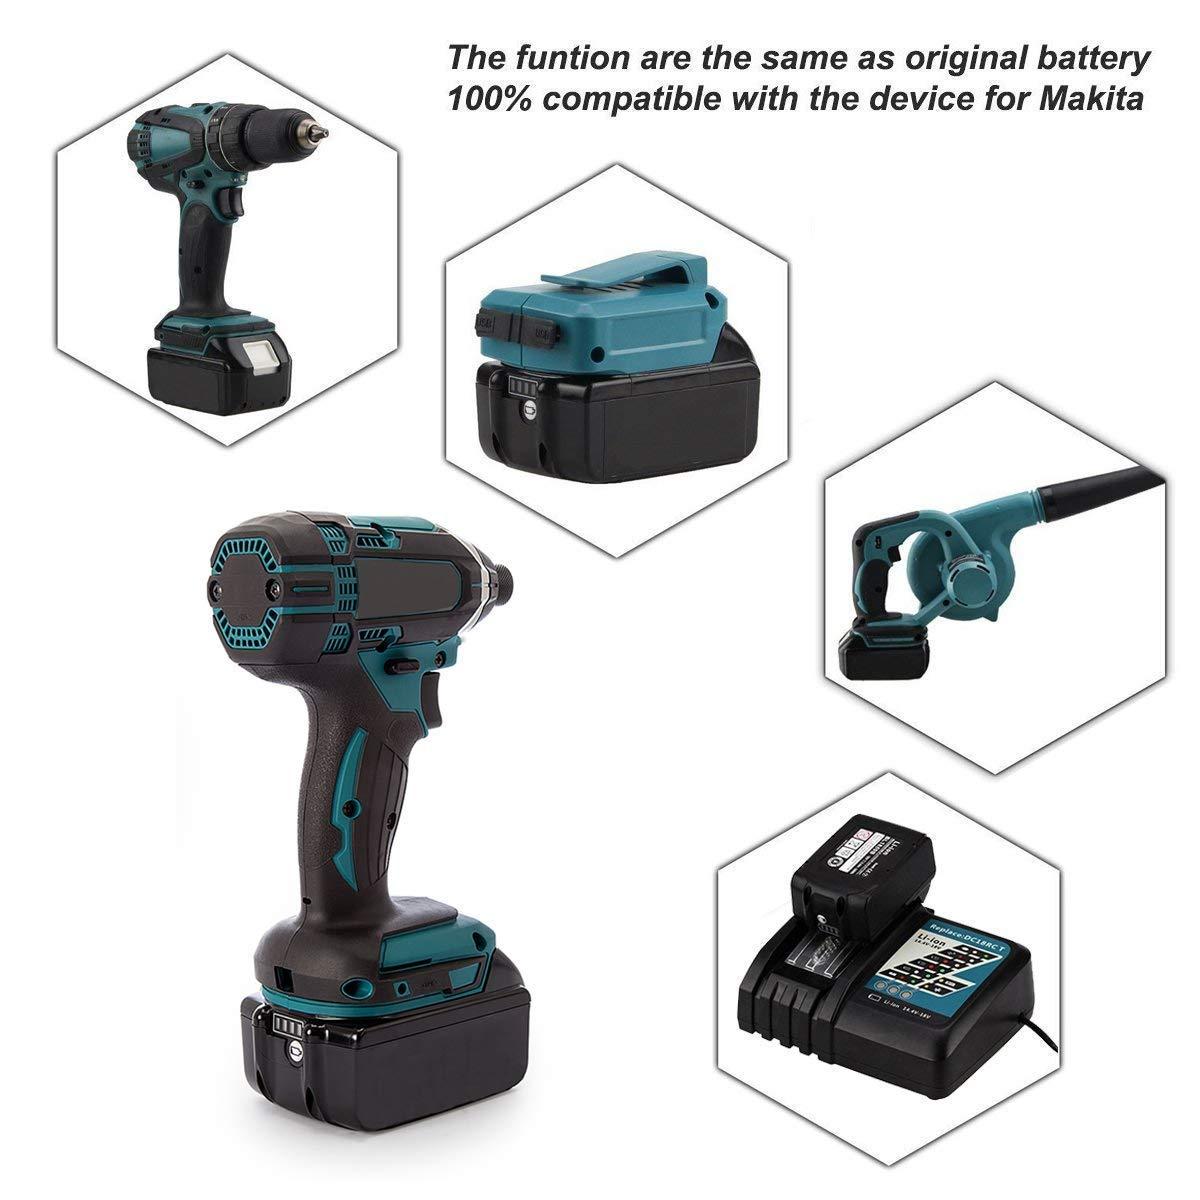 V 5,0Ah Li-ion Batterie de remplacement pour Makita BL BL30, BL40,  BL45,45-3, 4309-1 LXT400 Caractéristiques  100 % Nouveau Batterie Tension  V 8cf69434869